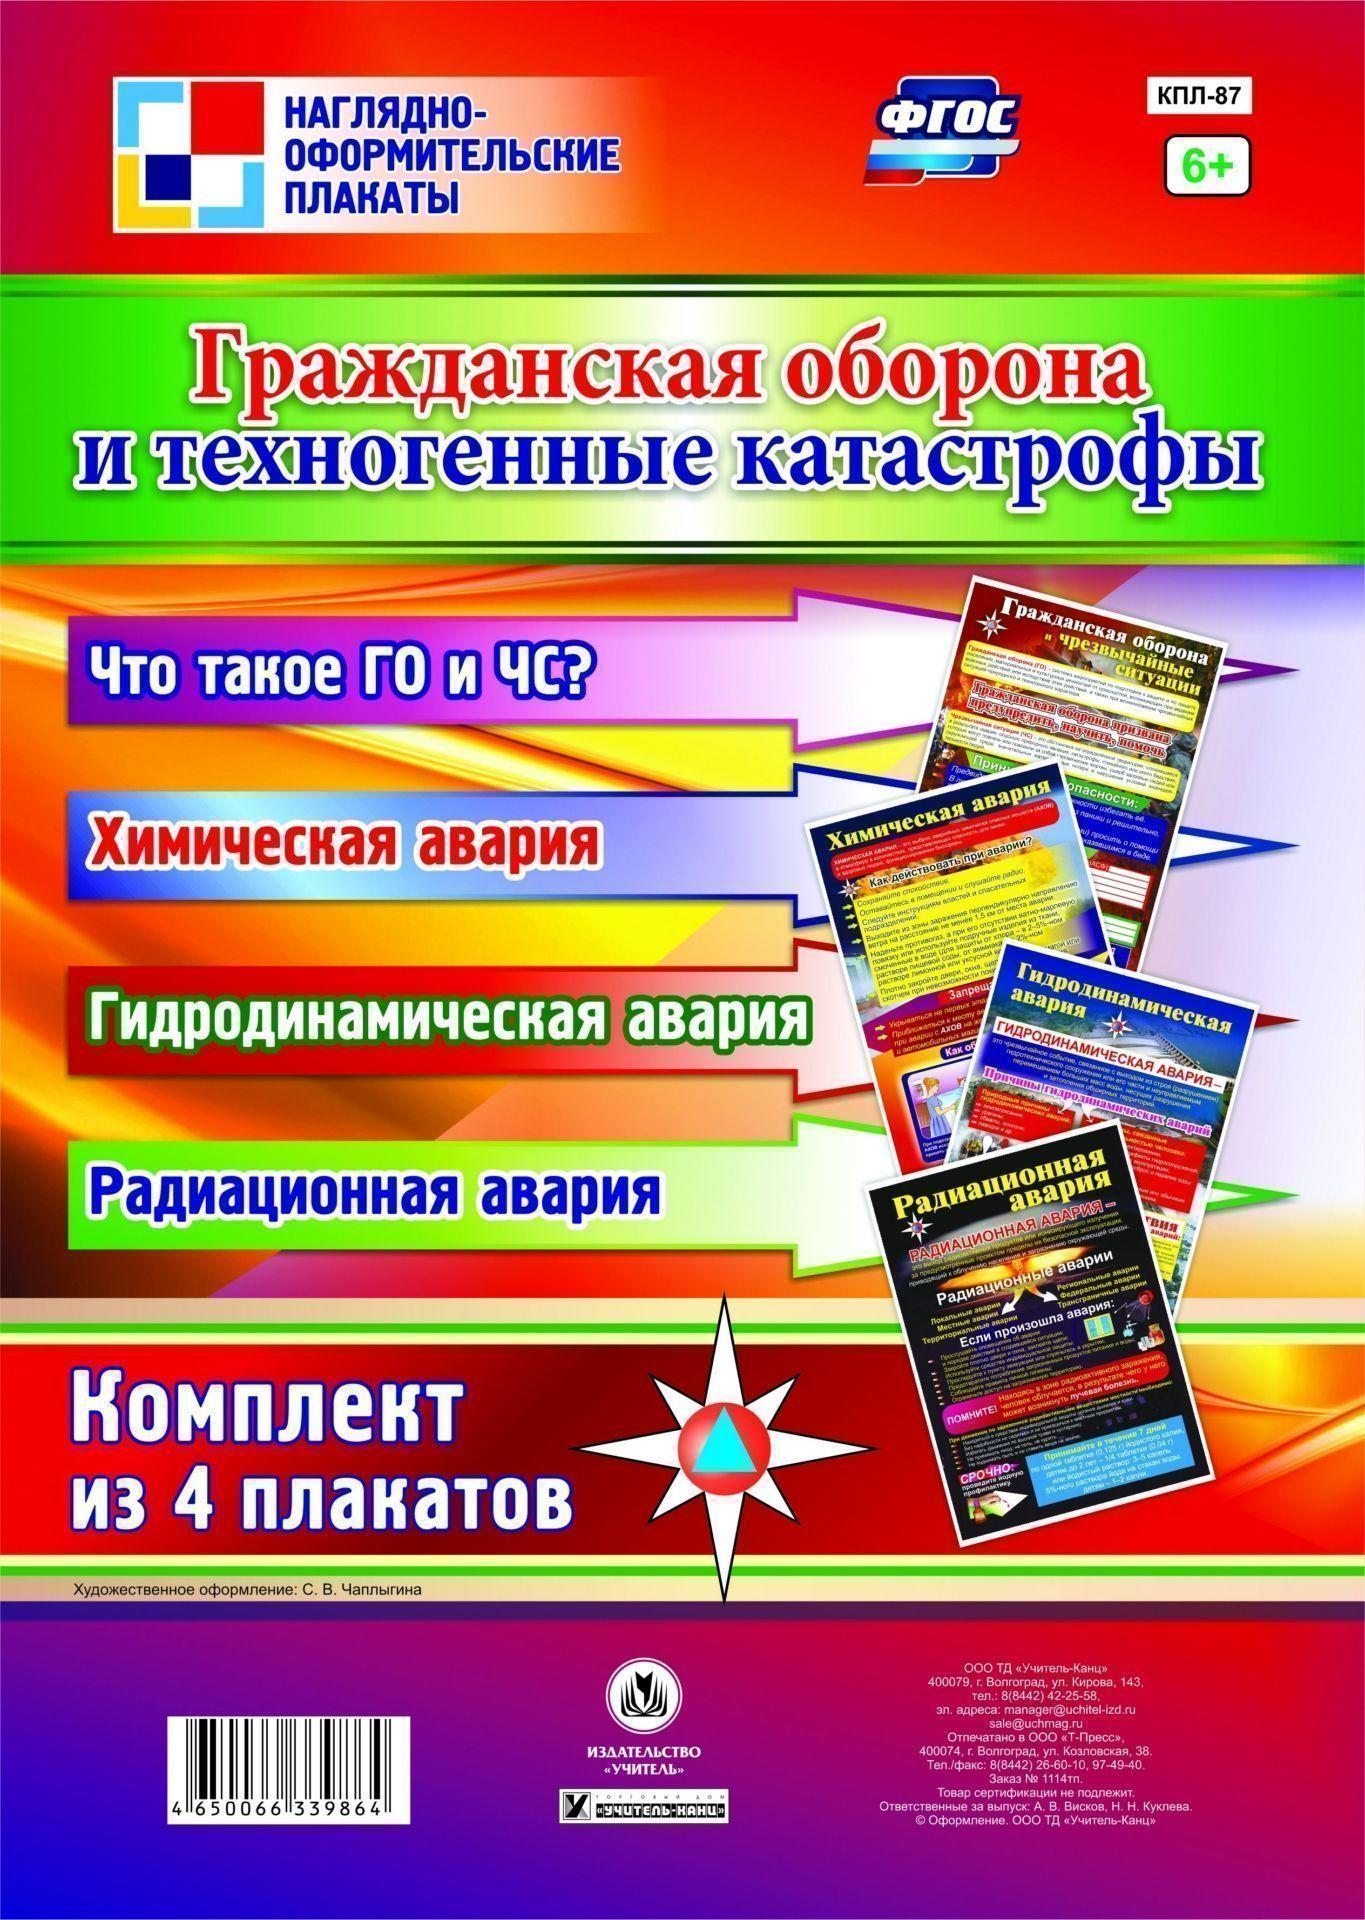 Комплект тематических плакатов Гражданская оборона и техногенные катастрофы: 4 плакатаТематические плакаты<br>.<br><br>Год: 2018<br>Серия: Наглядно-оформительские плакаты<br>Высота: 594<br>Ширина: 420<br>Толщина: 3<br>Переплёт: набор